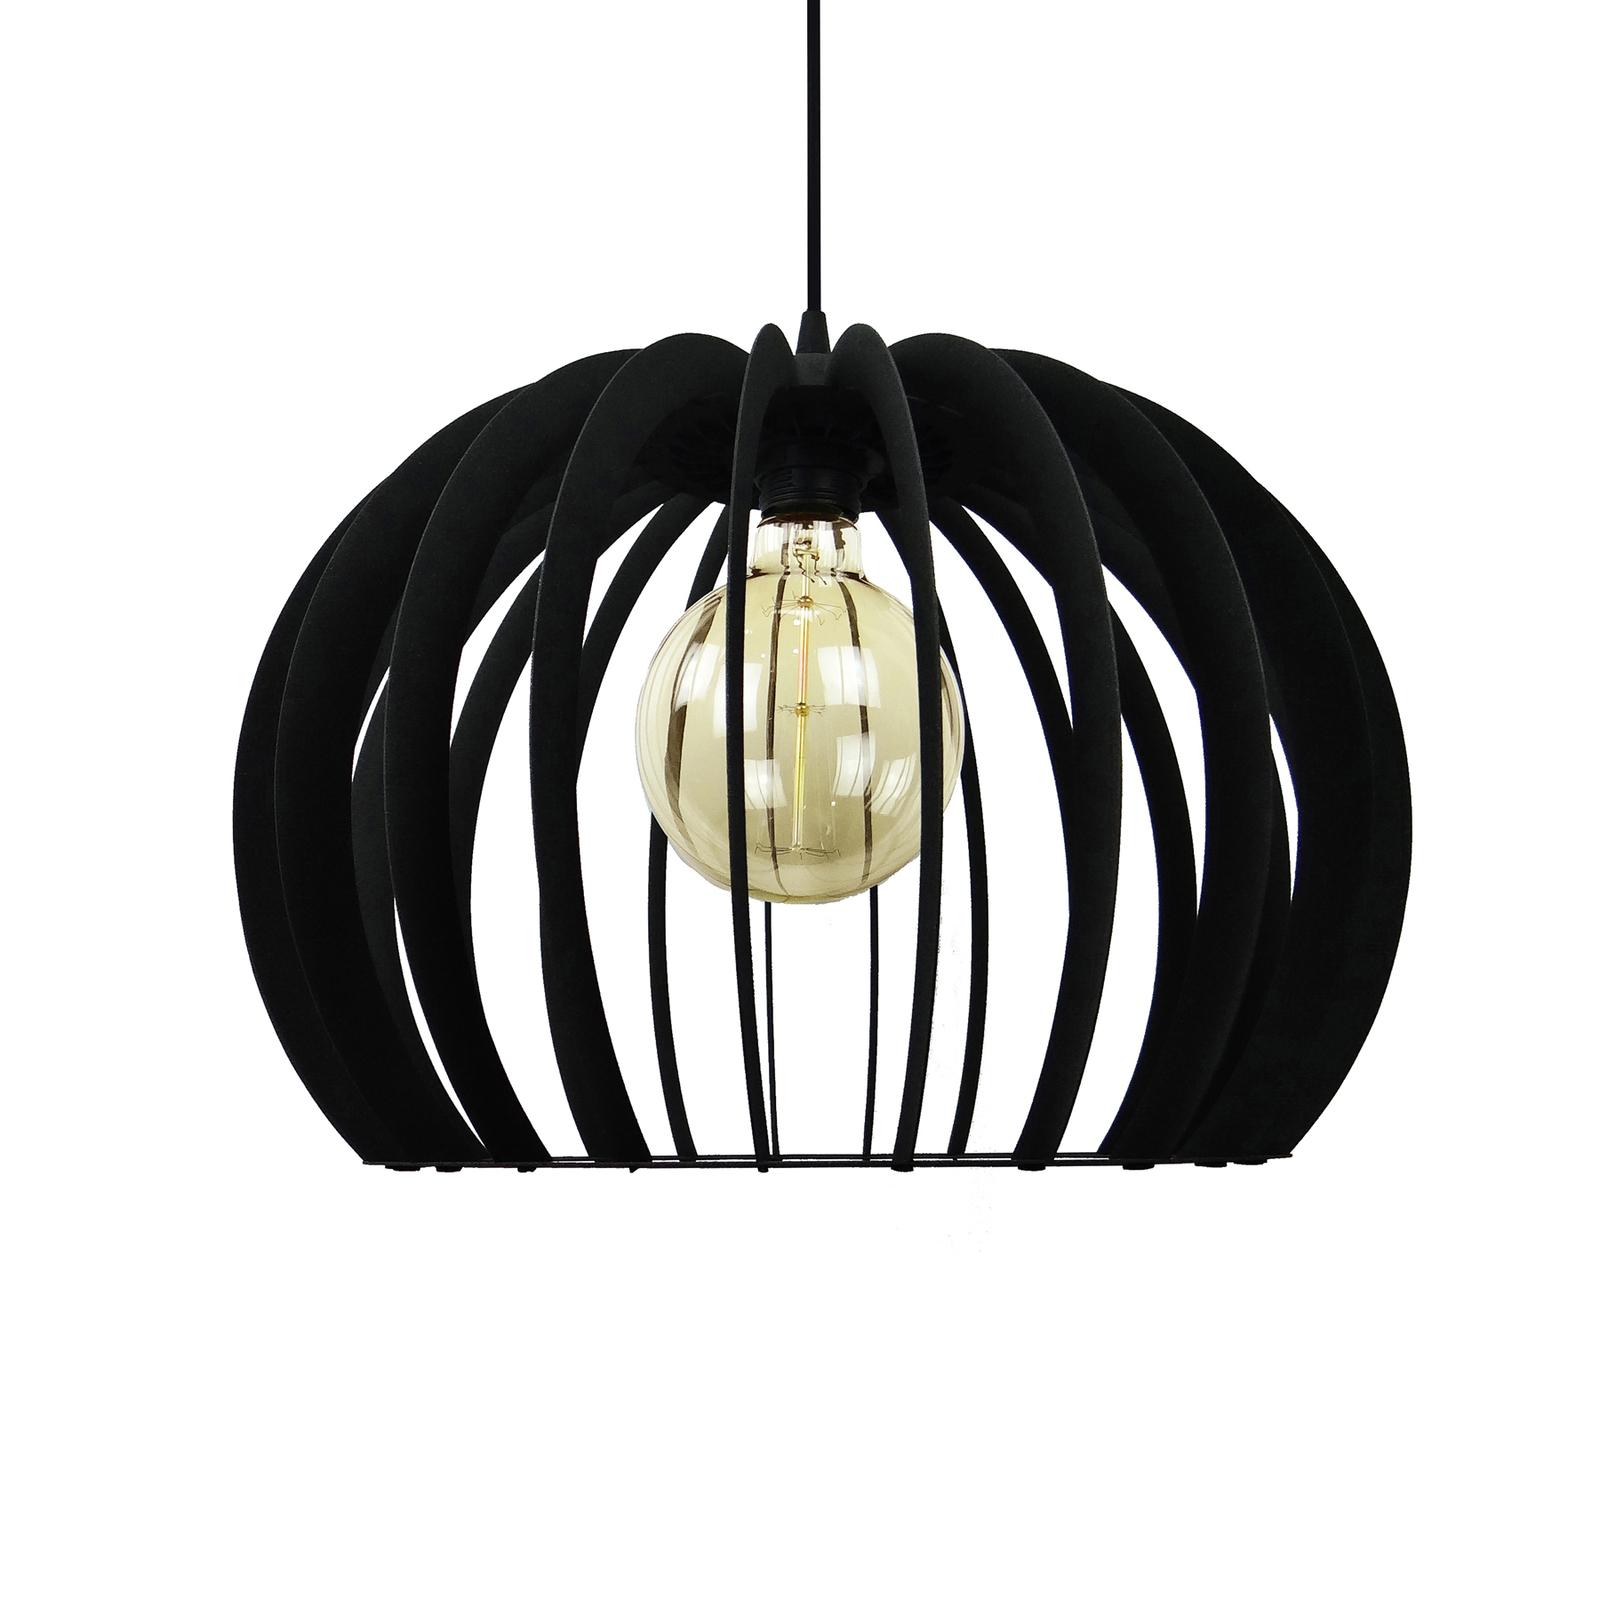 Riippuvalaisin Kula, 1-lamppuinen, musta, Ø 43 cm